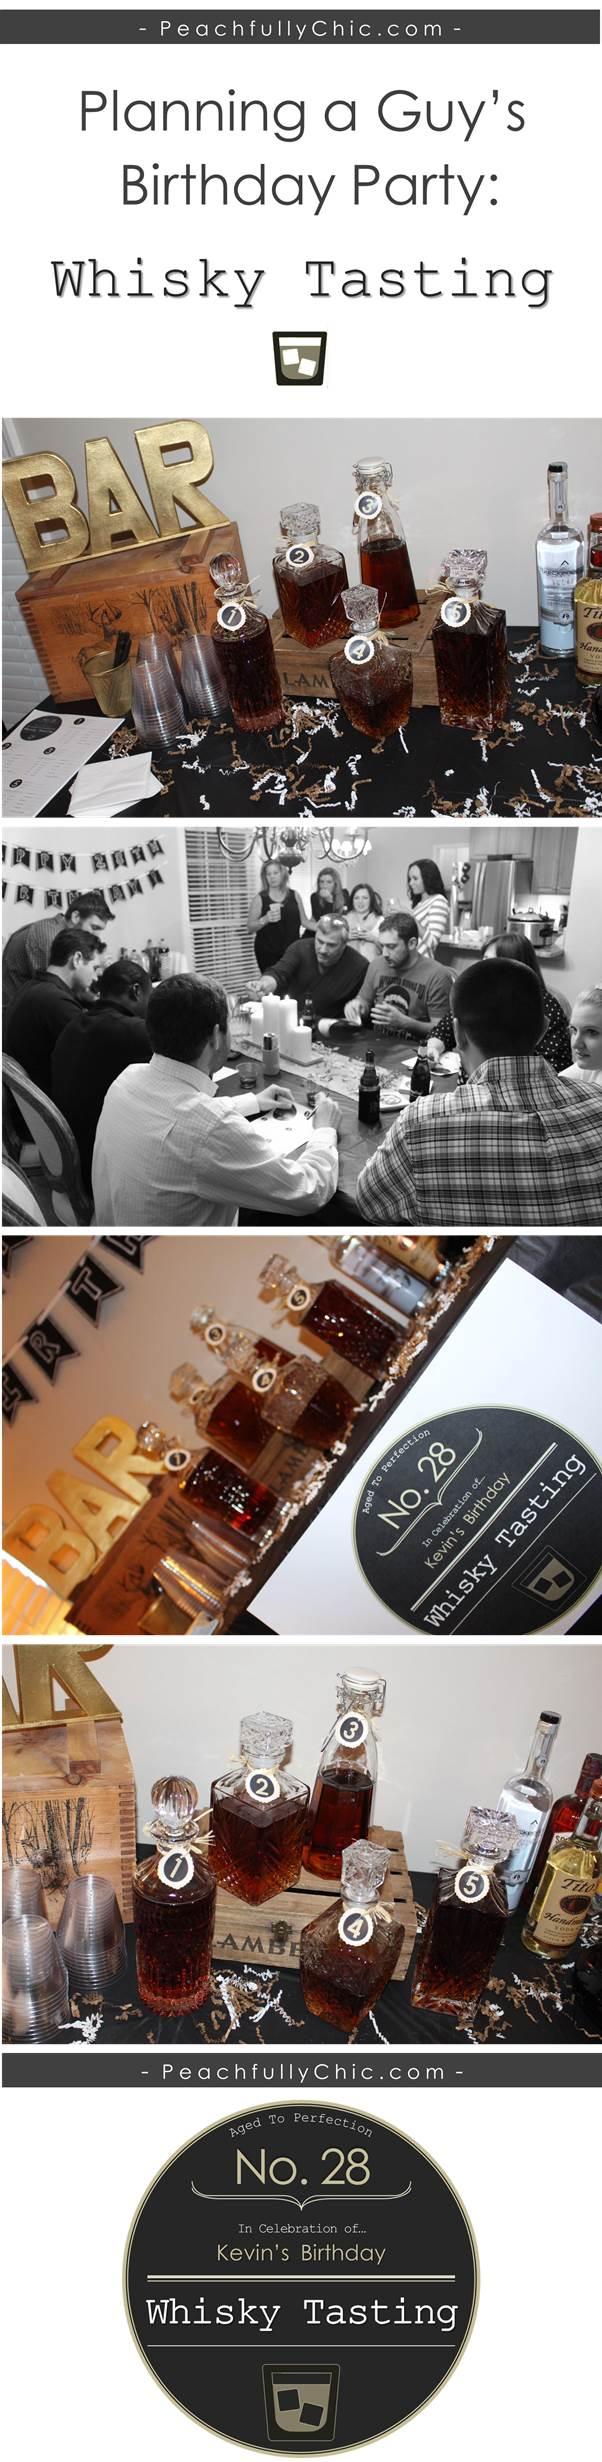 guys-birthday-party-manly-whiskey-tasting-1